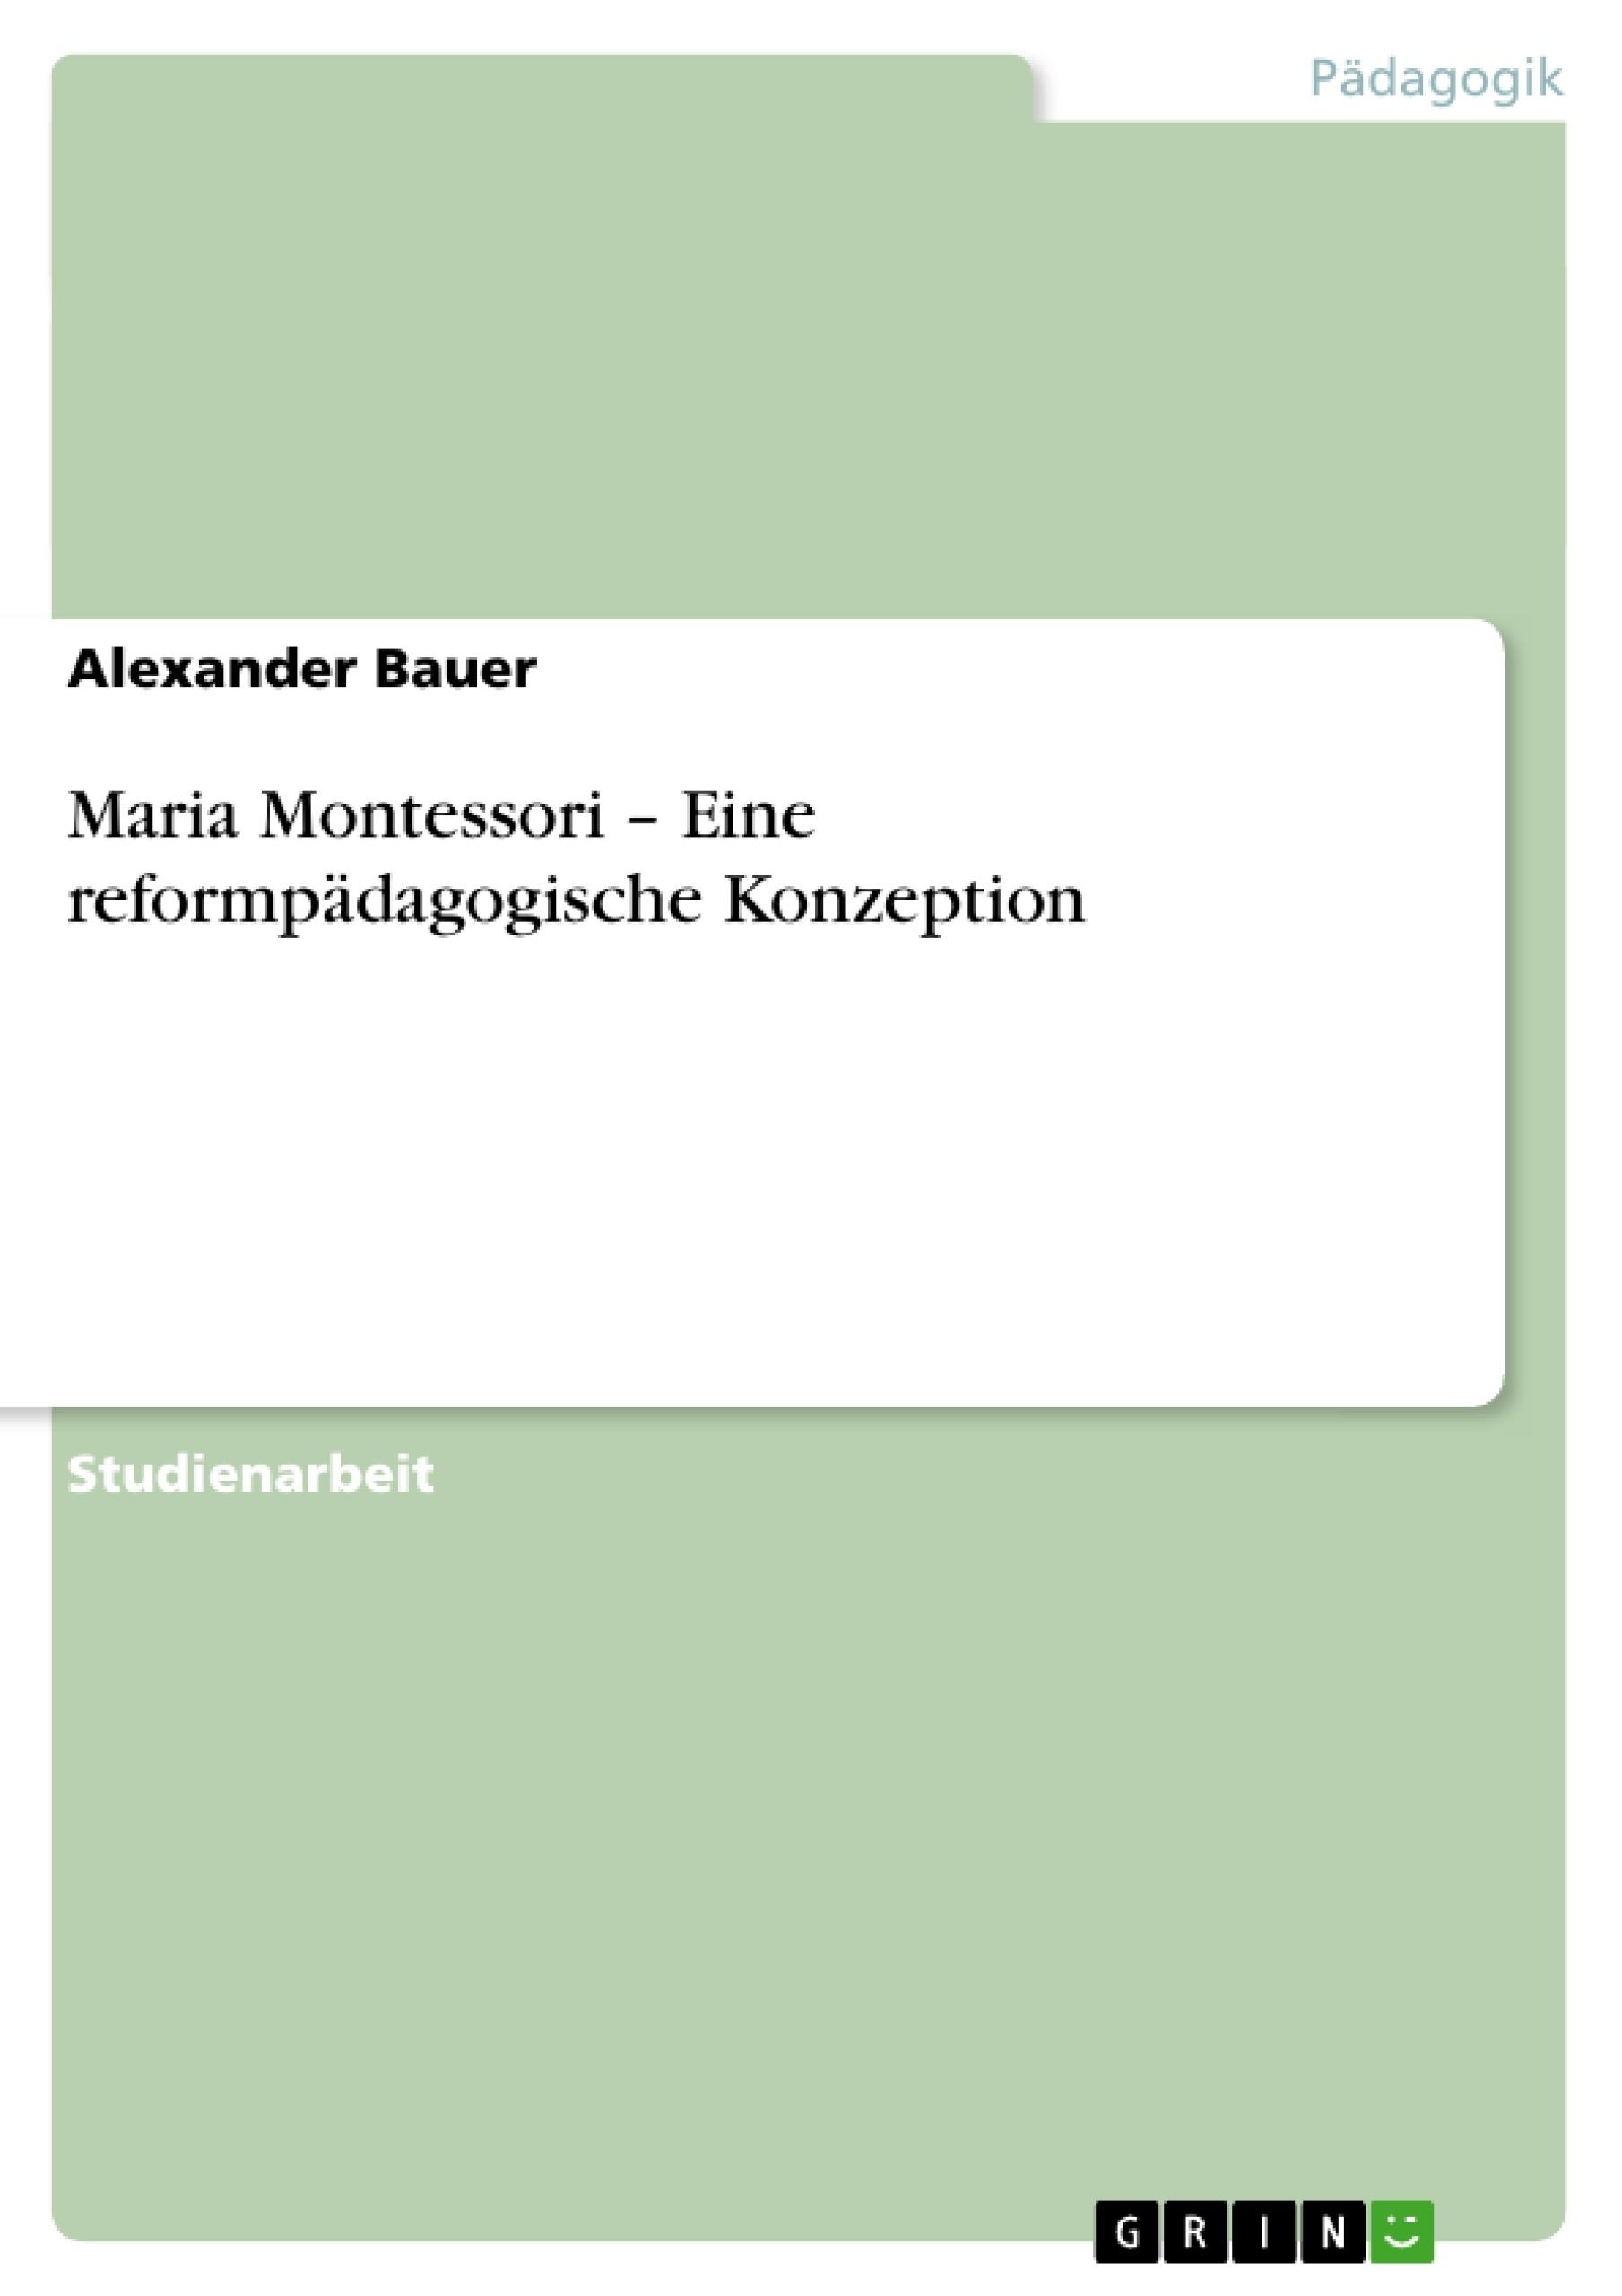 Titel: Maria Montessori – Eine reformpädagogische Konzeption